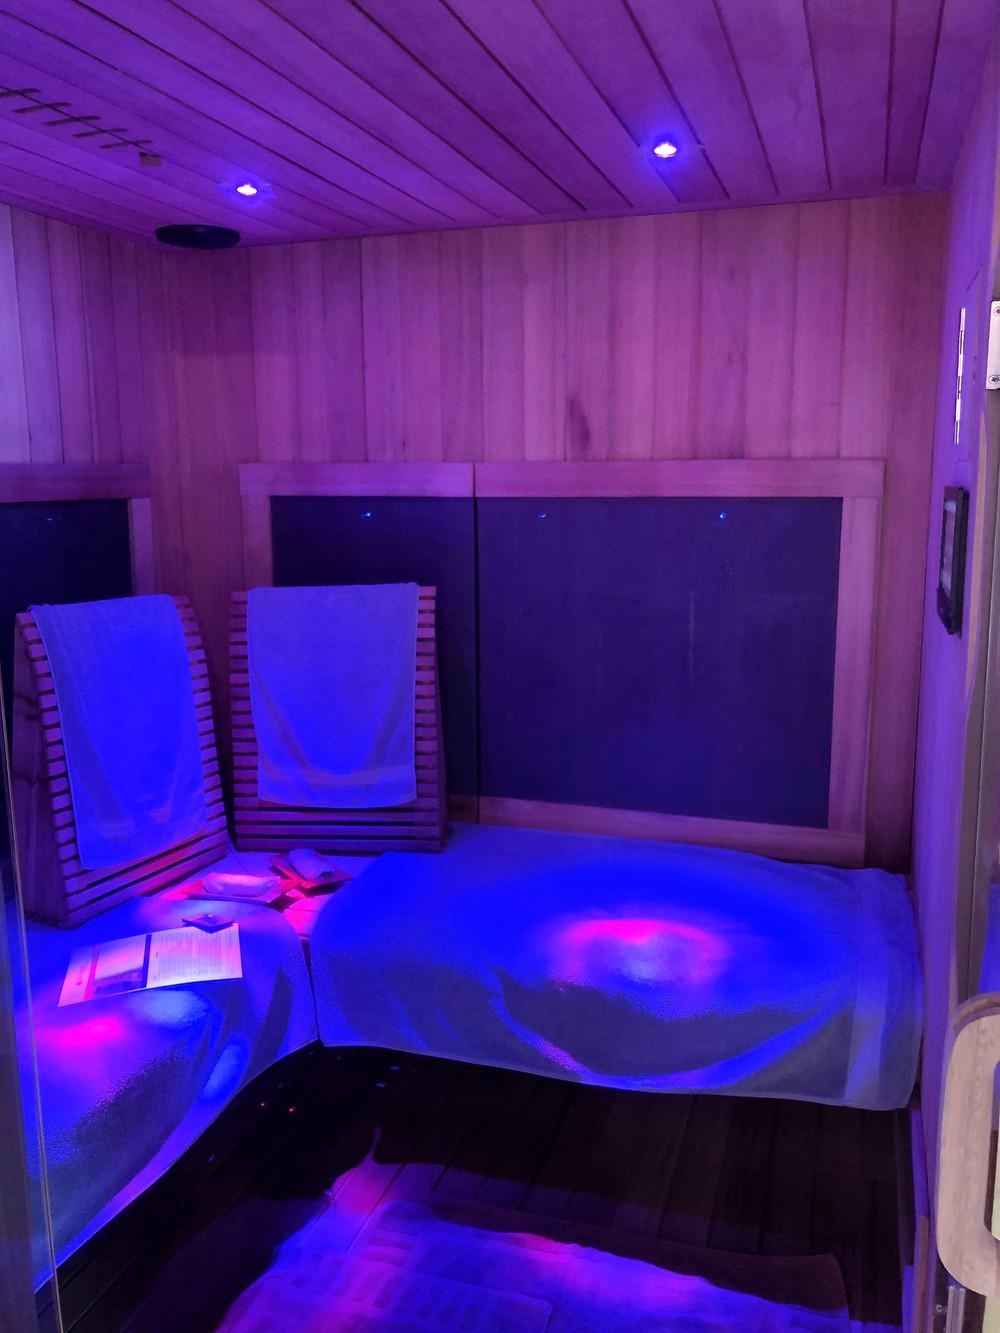 nashville, nashville tn, nashville bachelorette party ideas, nashville bachelorette, nashville spa day, nashville spa, infrared sauna, nashville infrared, pure sweat sauna studio,